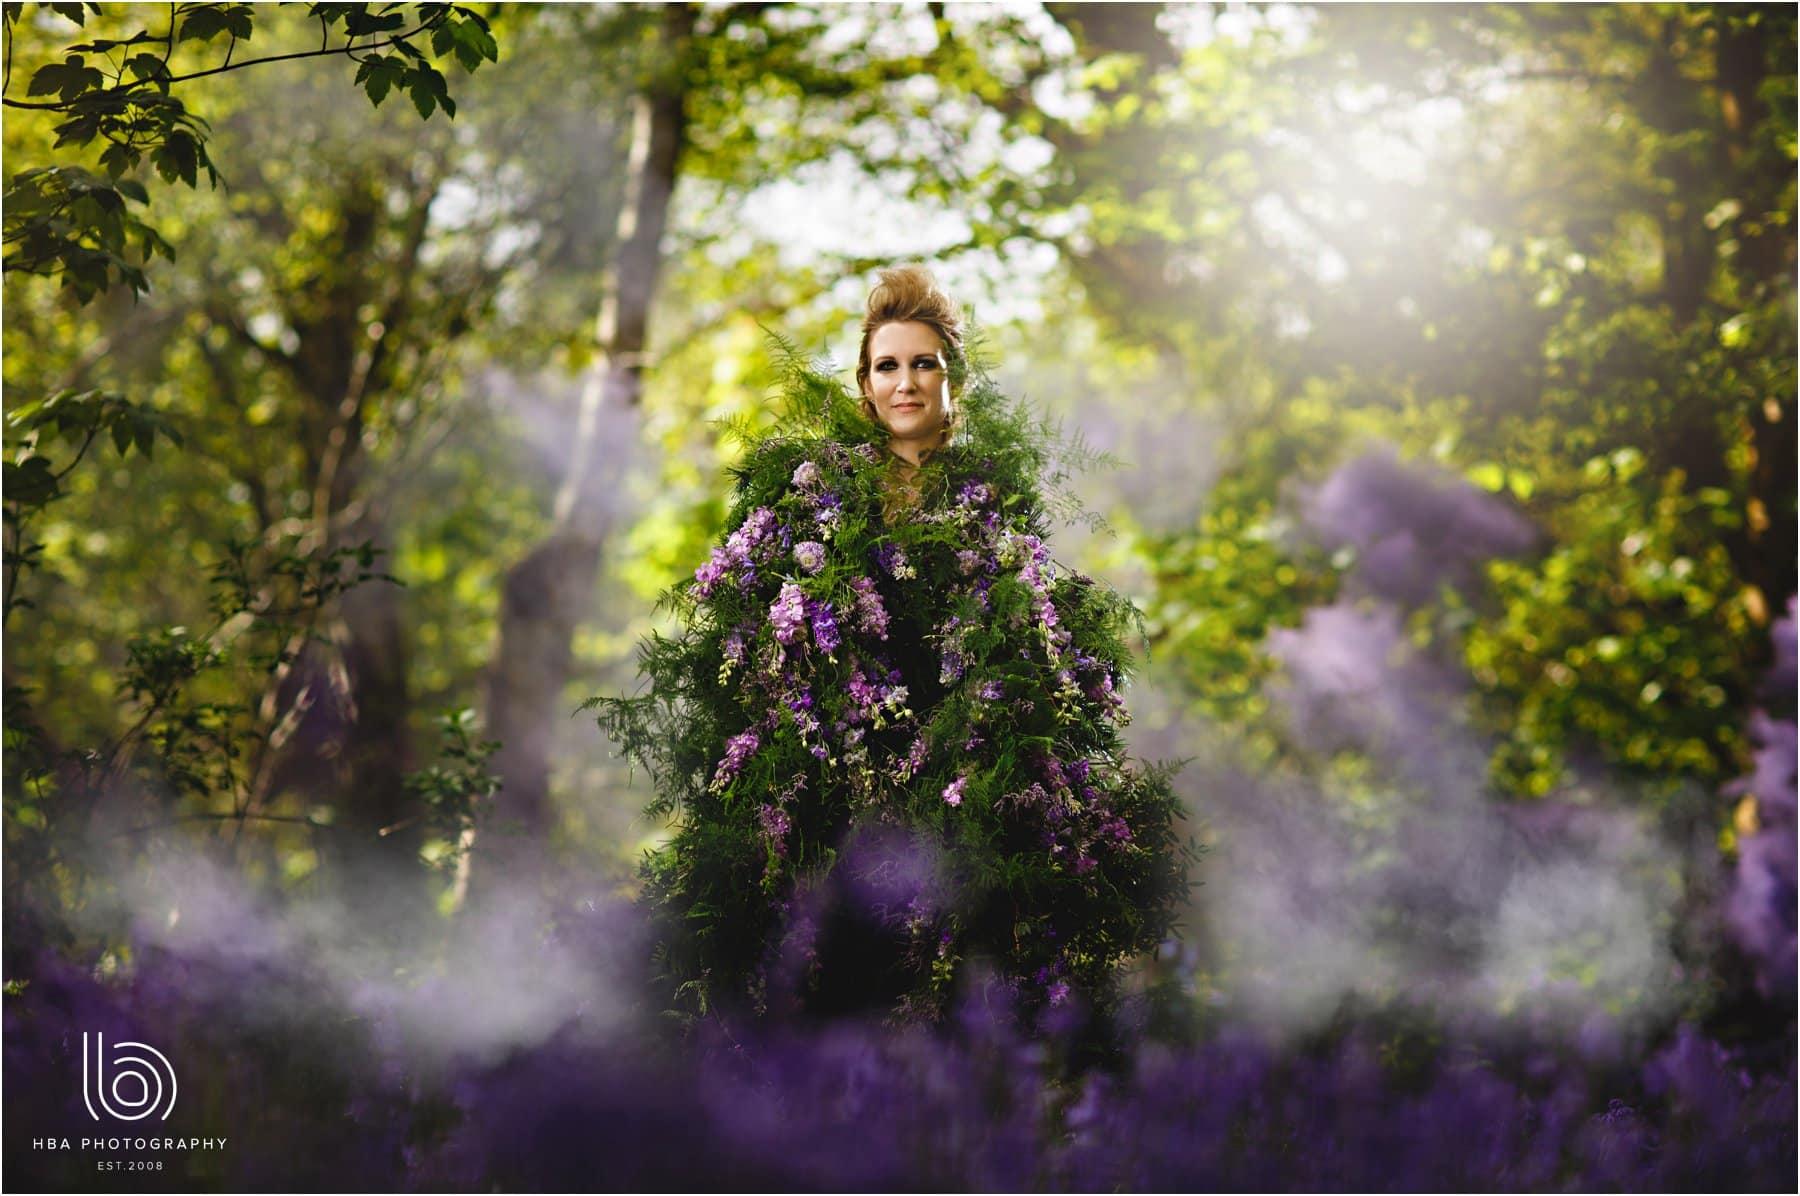 Conceptual woodland shoot